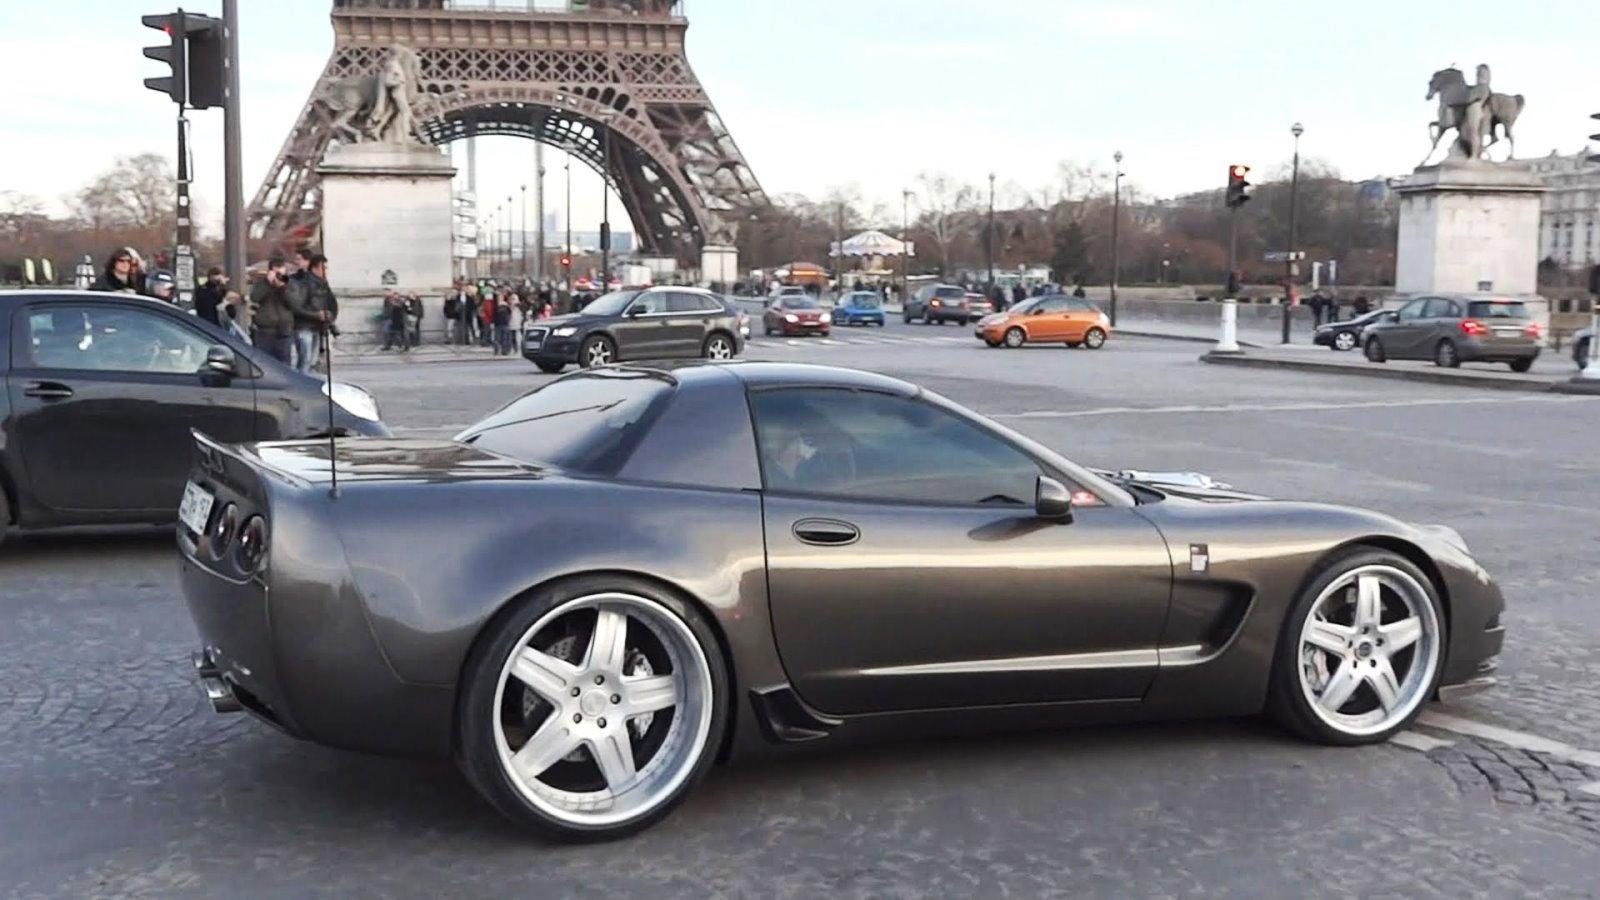 Corvette C5 Z06 in Paris